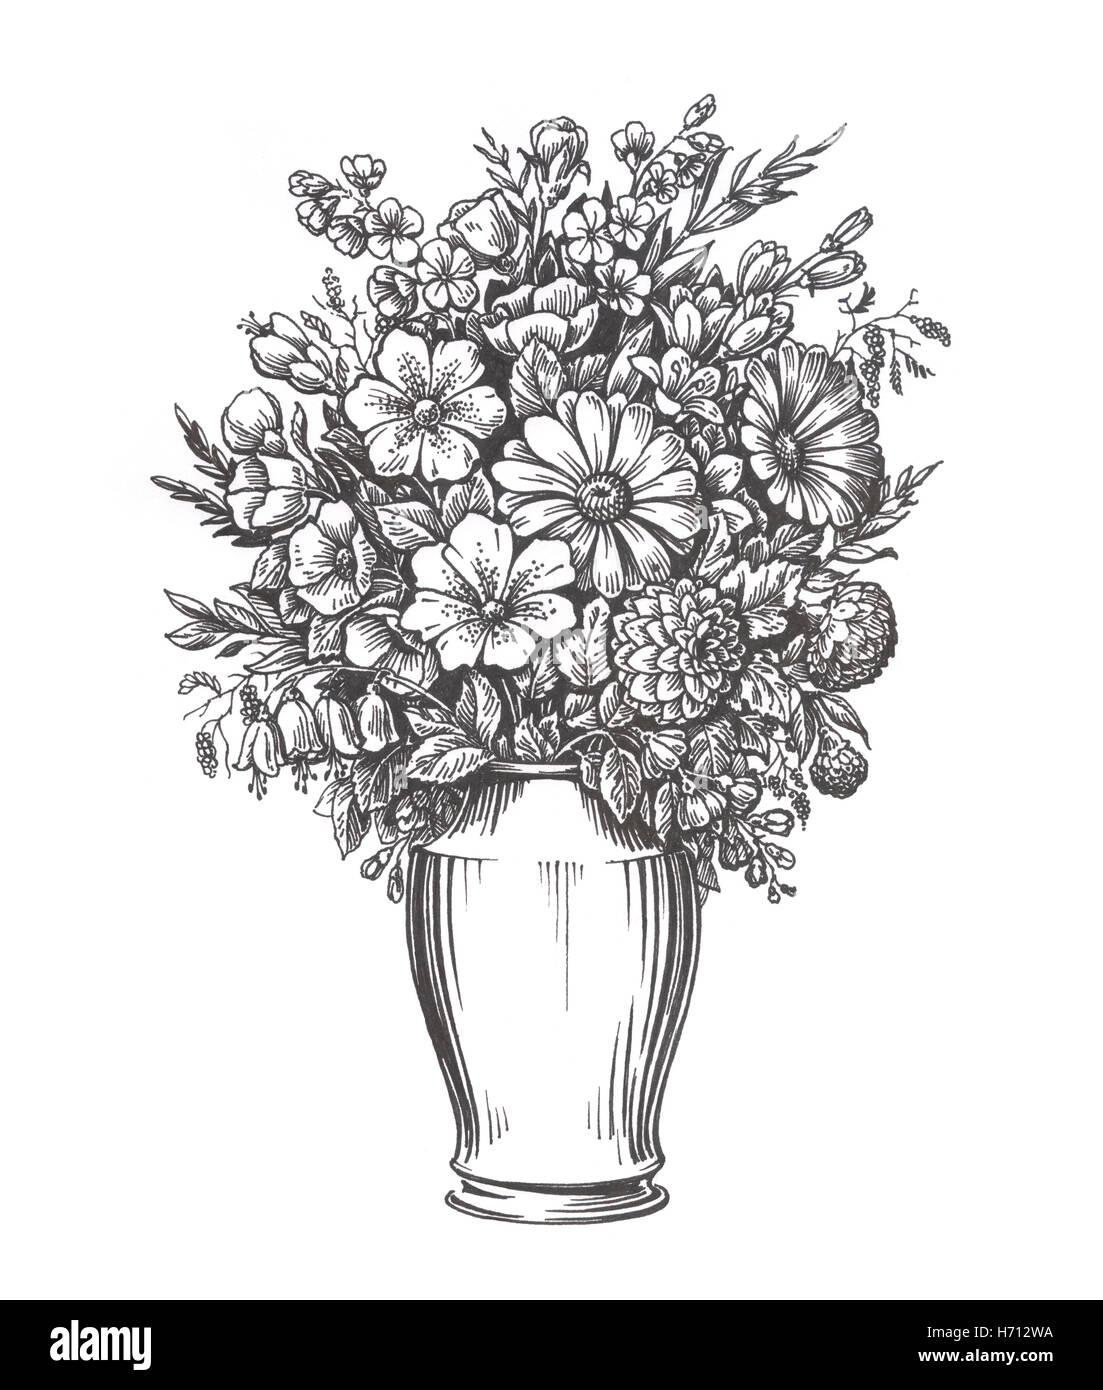 Vintage Vaso con fiori. Mano bozzetto illustrazione Immagini Stock